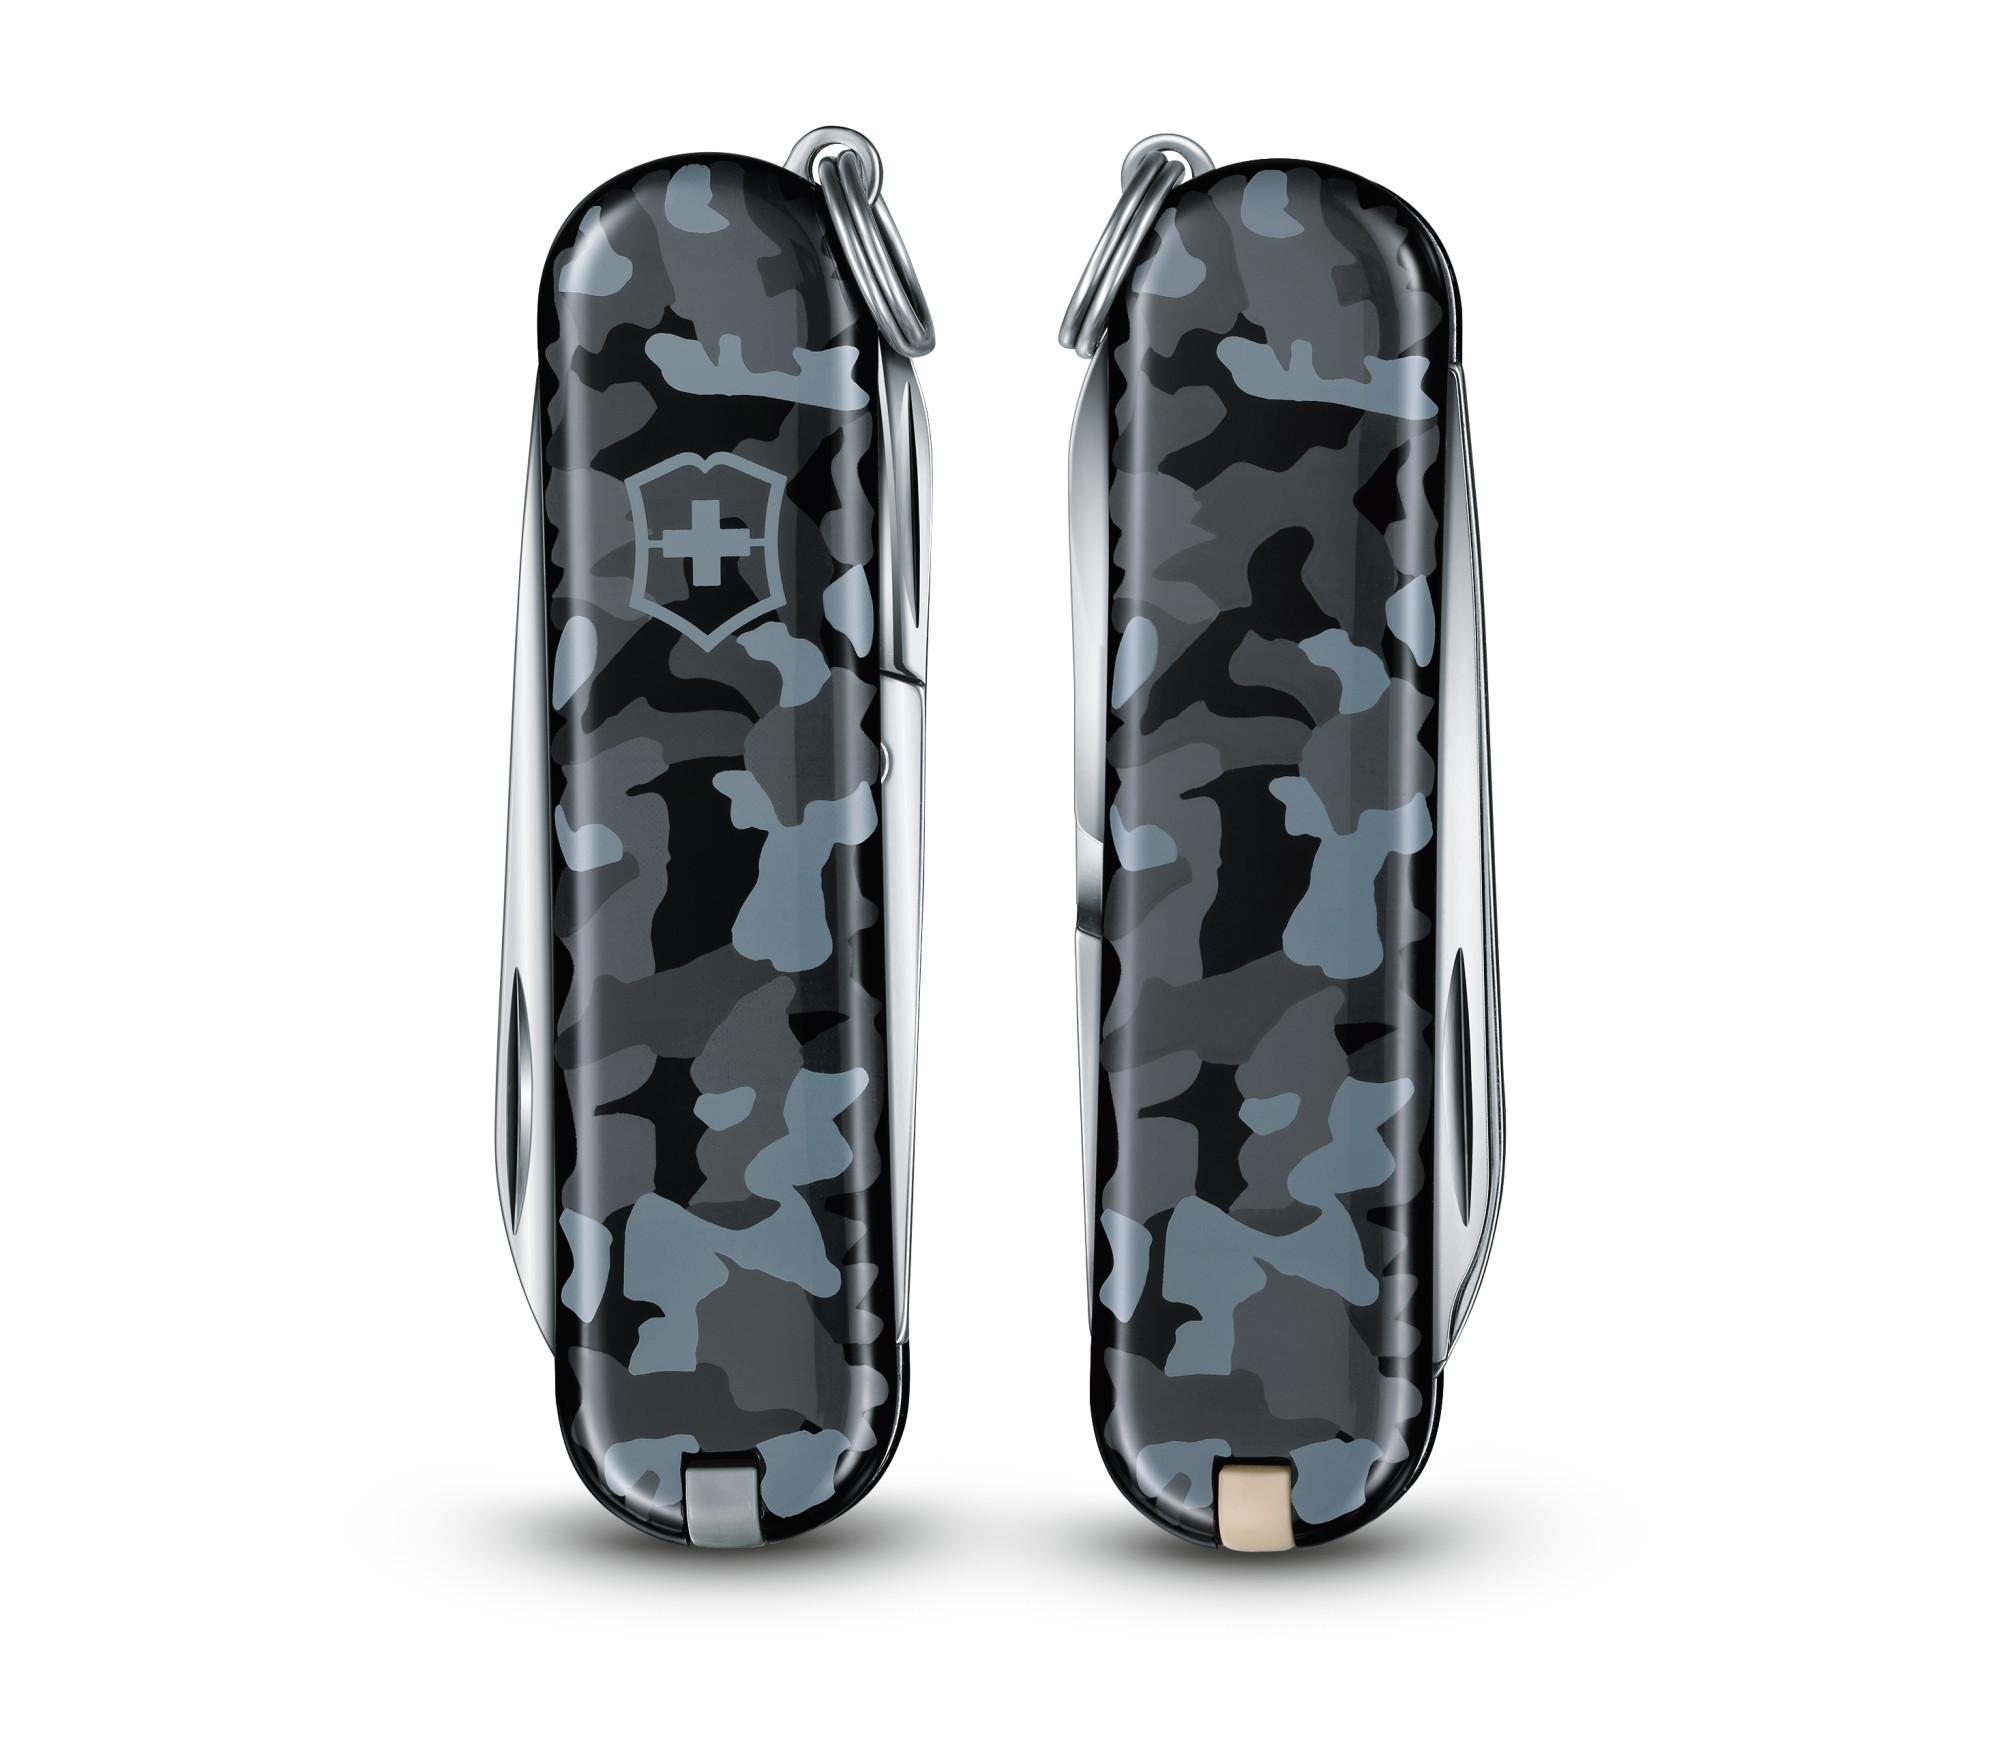 Складной нож-брелок Victorinox Classic Navy Camouflage (0.6223.942) 58 мм., 7 функций - Wenger-Victorinox.Ru